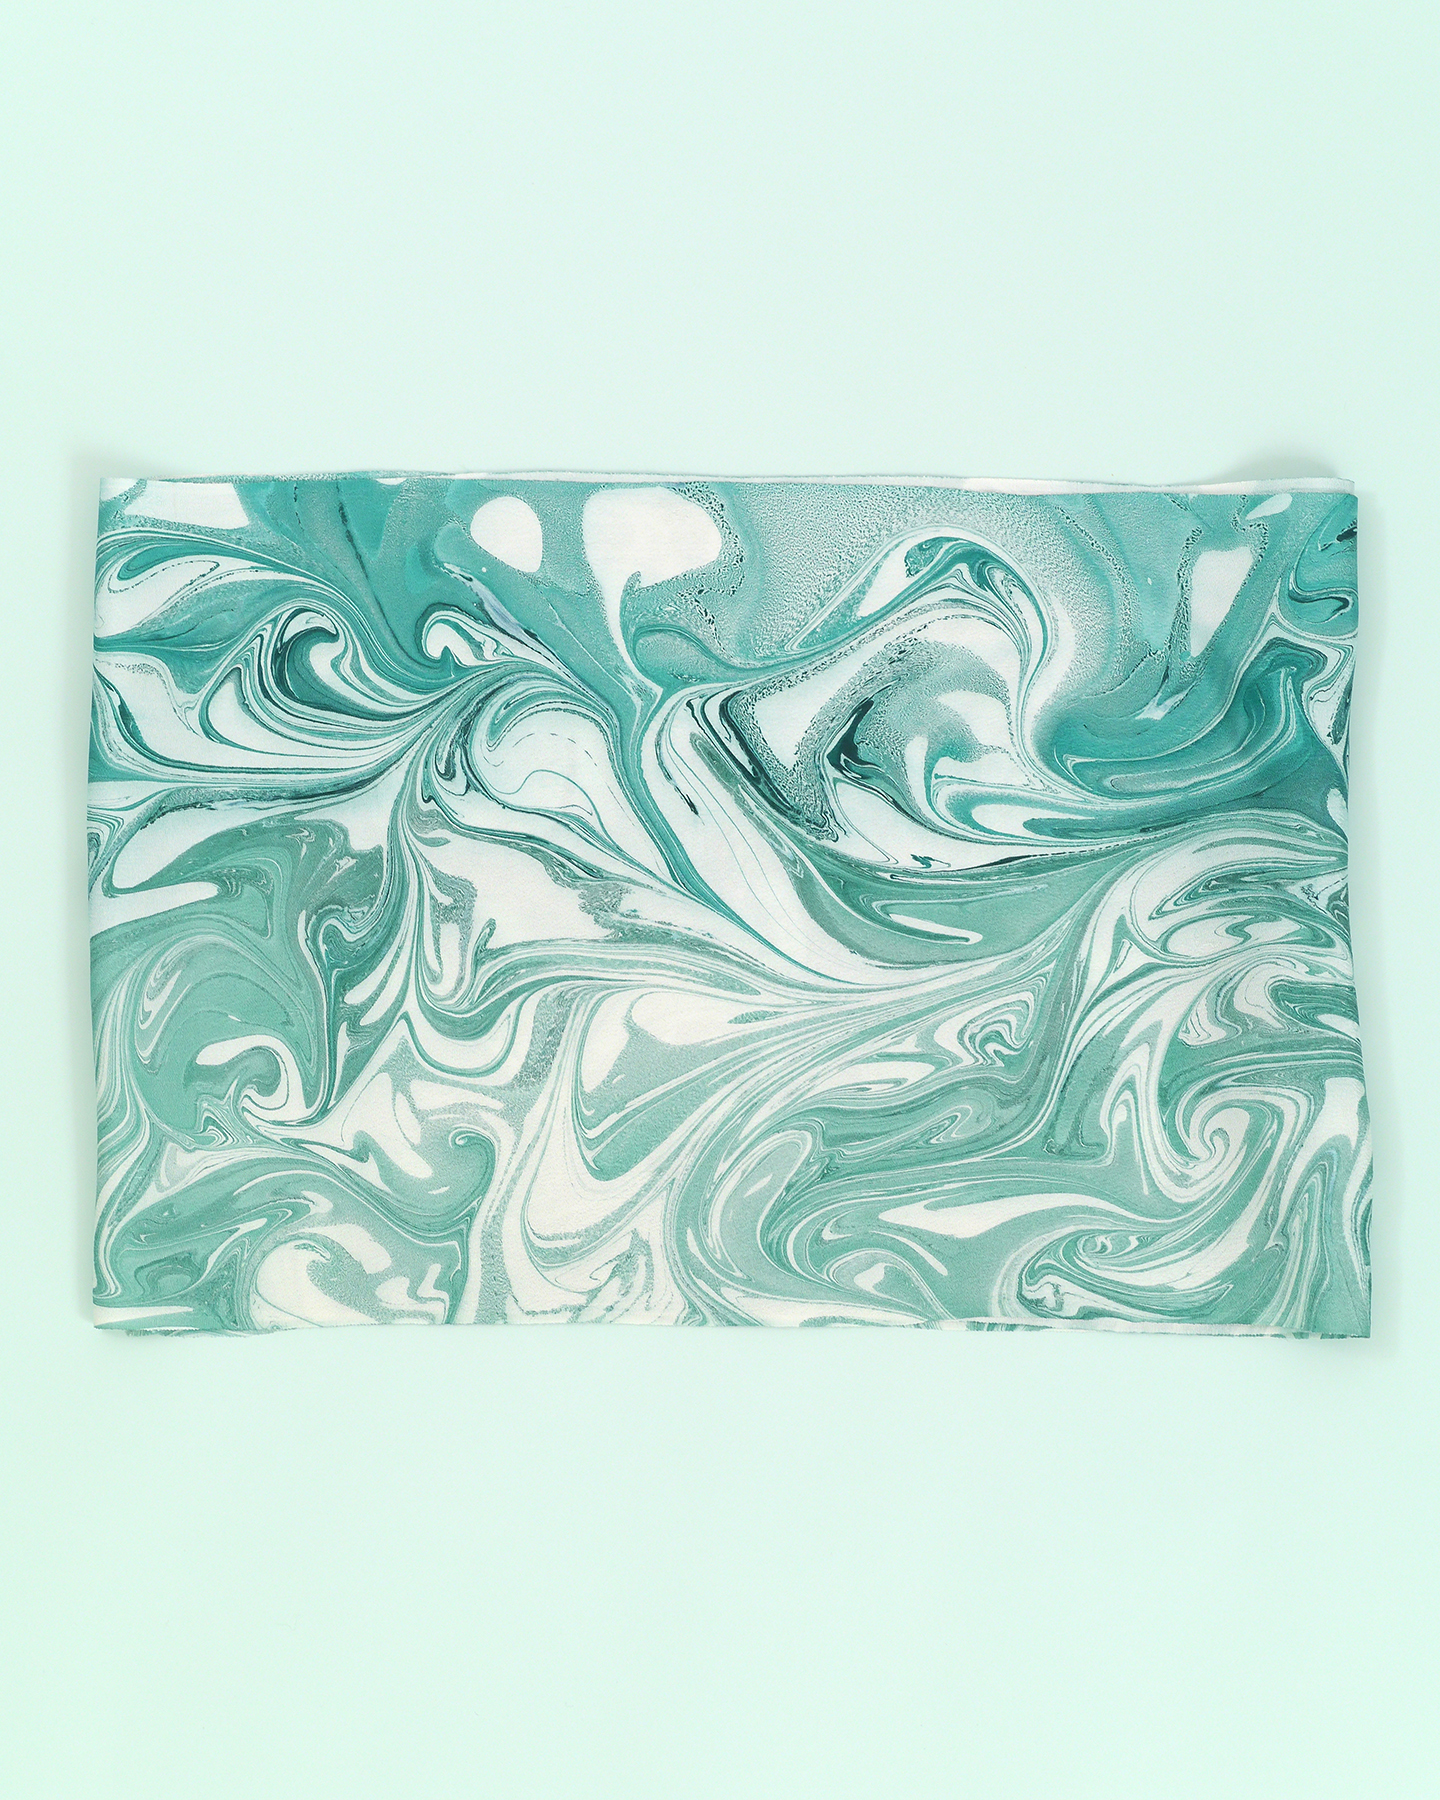 墨流し帯揚げ/マーブル/青緑×浅緑